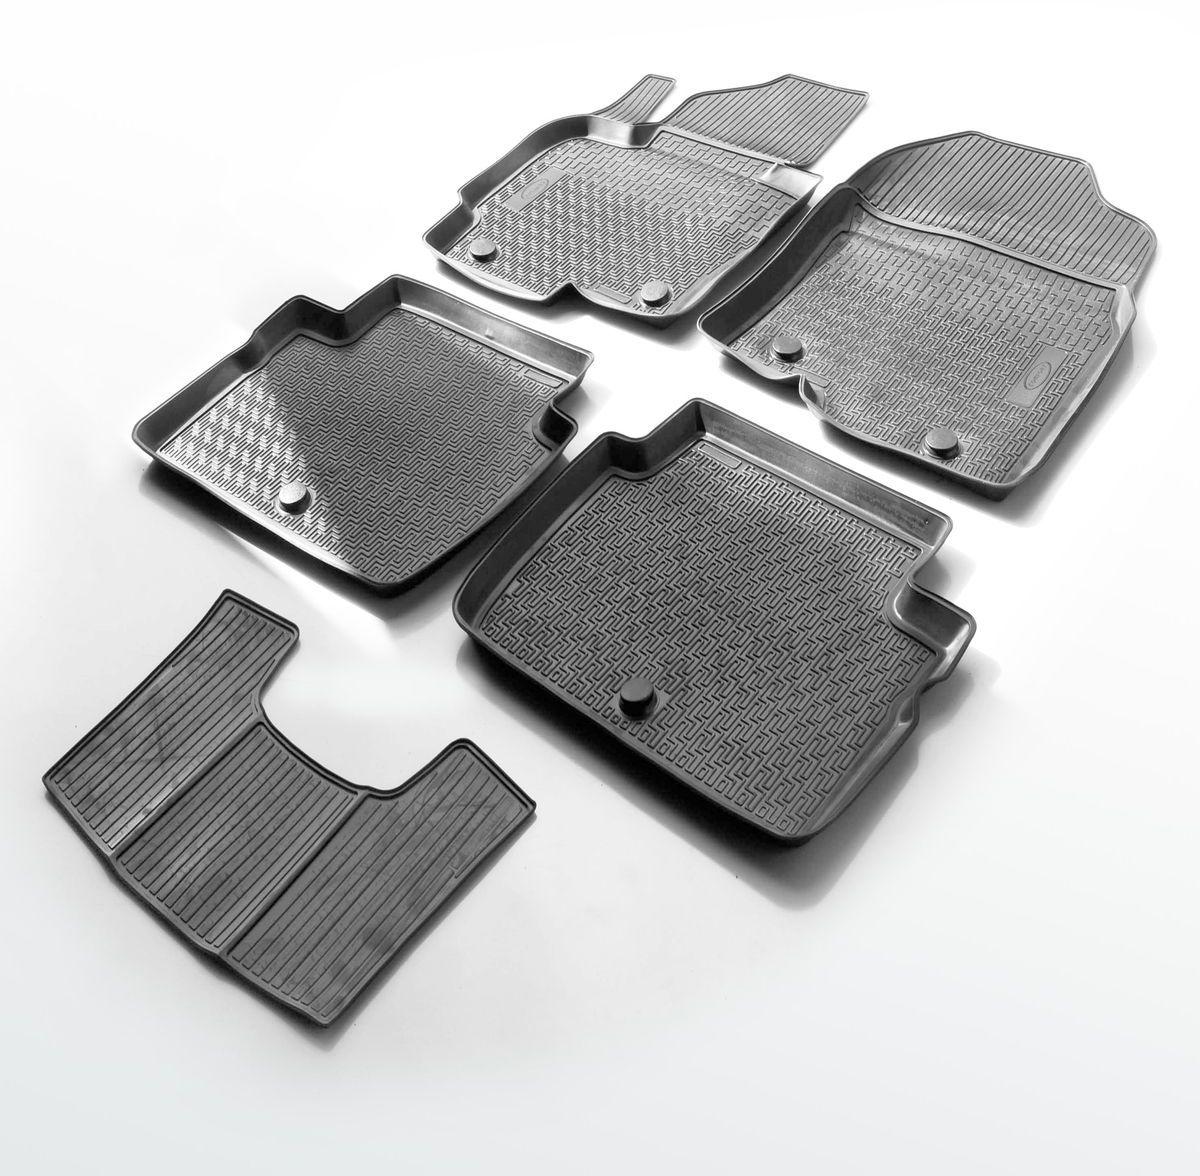 Коврики салона Rival для Opel Antara 2011-, полиуретан14201001Прочные и долговечные коврики Rival в салон автомобиля, изготовлены из высококачественного и экологичного сырья. Коврики полностью повторяют геометрию салона вашего автомобиля.- Надежная система крепления, позволяющая закрепить коврик на штатные элементы фиксации, в результате чего отсутствует эффект скольжения по салону автомобиля.- Высокая стойкость поверхности к стиранию.- Специализированный рисунок и высокий борт, препятствующие распространению грязи и жидкости по поверхности коврика.- Перемычка задних ковриков в комплекте предотвращает загрязнение тоннеля карданного вала.- Коврики произведены из первичных материалов, в результате чего отсутствует неприятный запах в салоне автомобиля.- Высокая эластичность, можно беспрепятственно эксплуатировать при температуре от -45°C до +45°C. Уважаемые клиенты! Обращаем ваше внимание, что коврики имеют форму, соответствующую модели данного автомобиля. Фото служит для визуального восприятия товара.